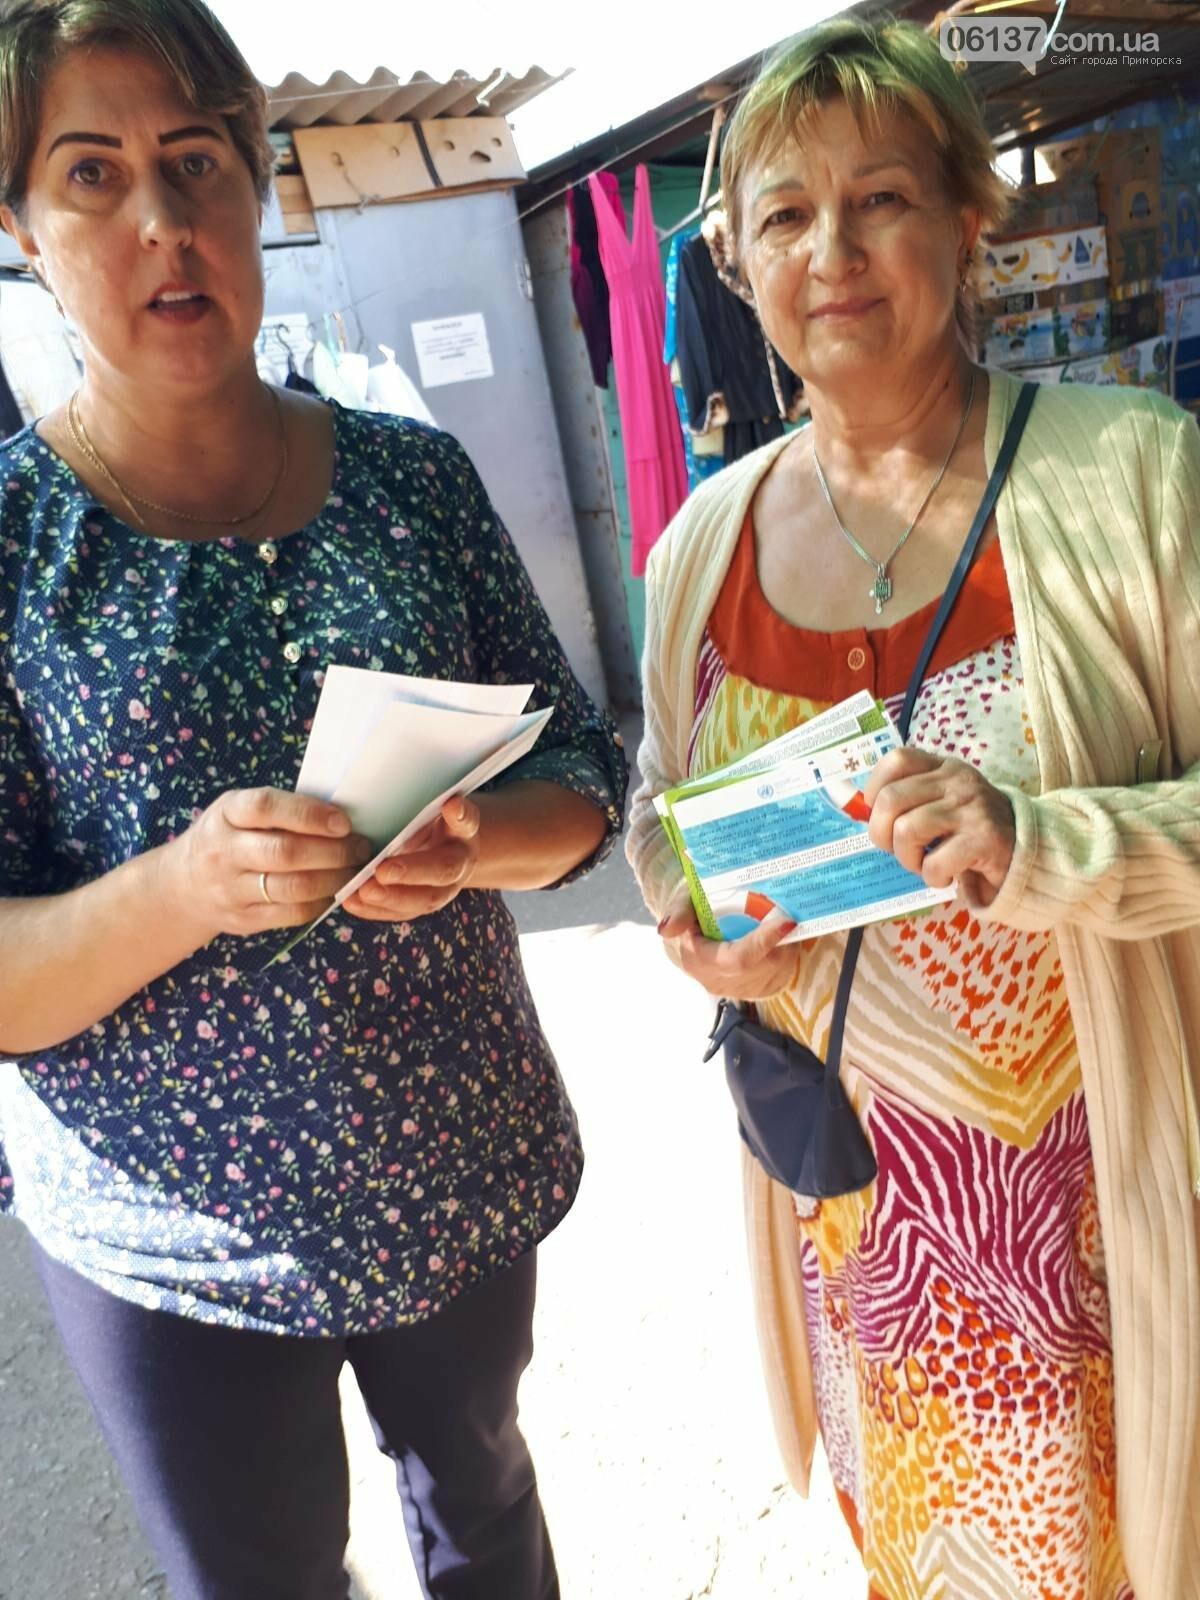 Волонтери Приморської громади роздавали пам'ятки про правила безпеки мешканцям міста, фото-4